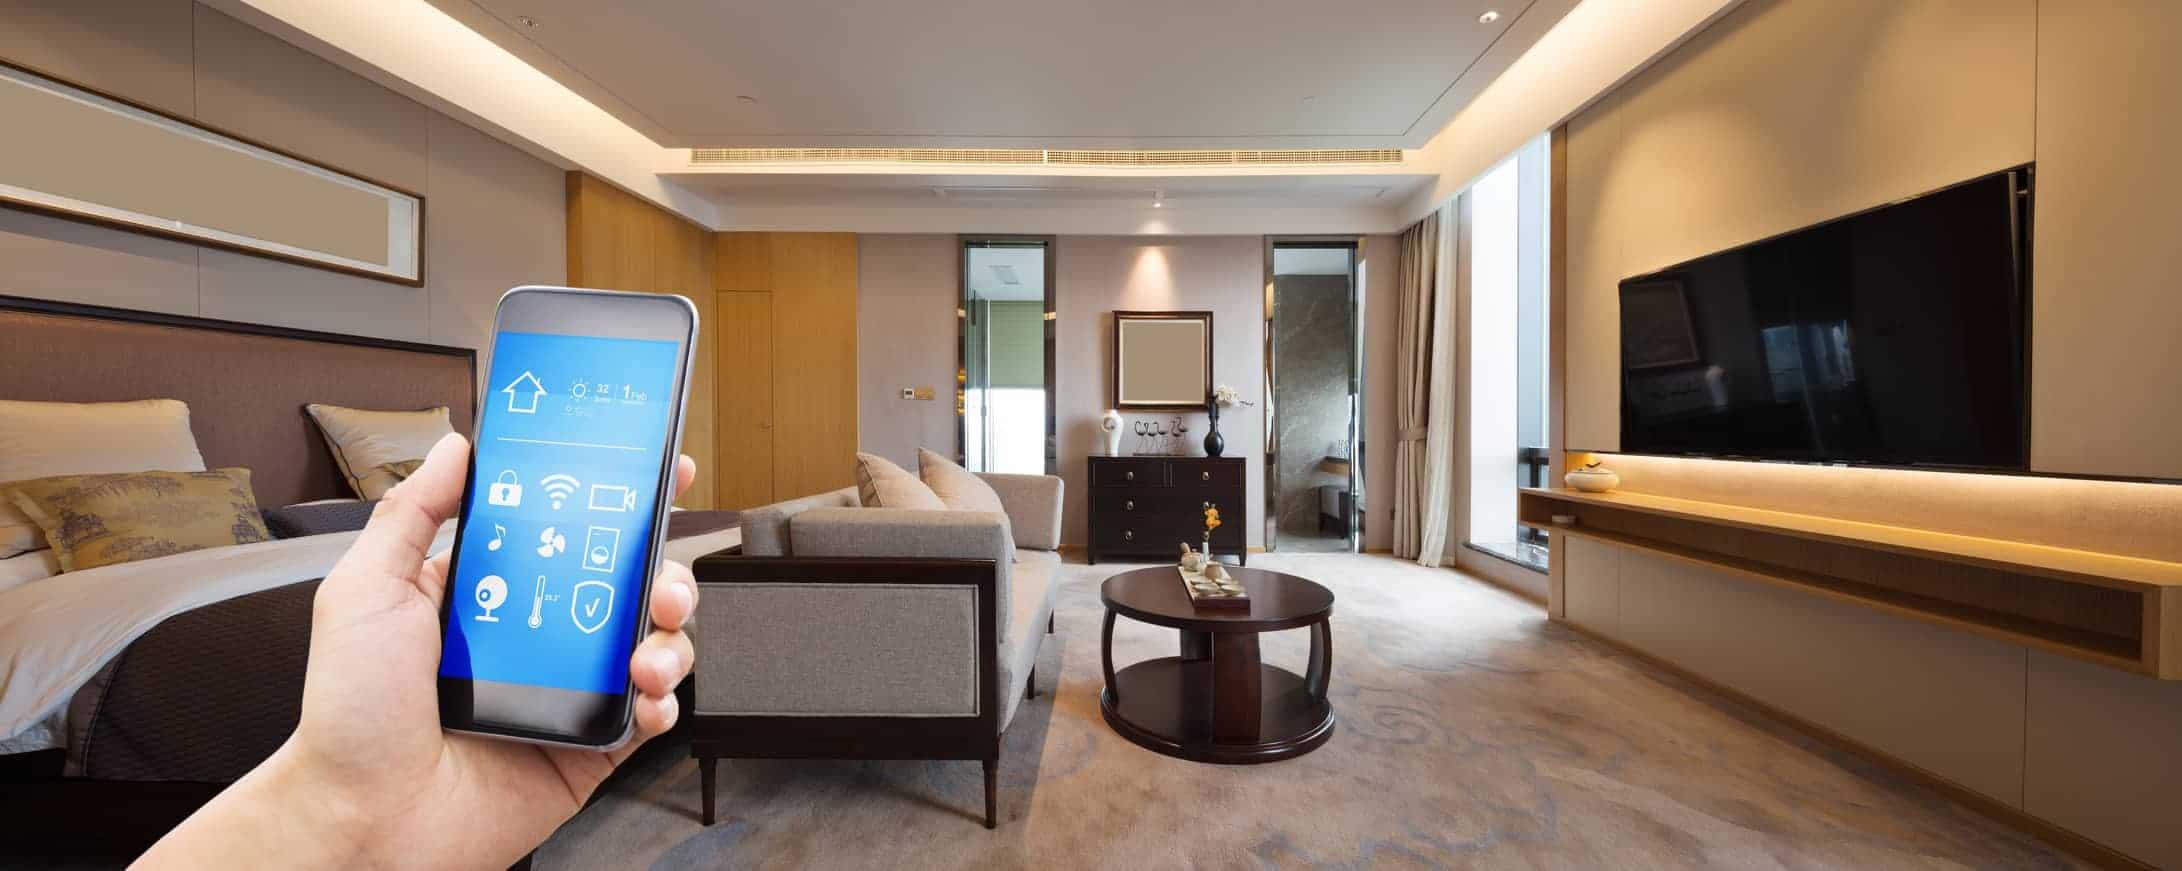 intelligentes Wohnsystem Bedienung Handy